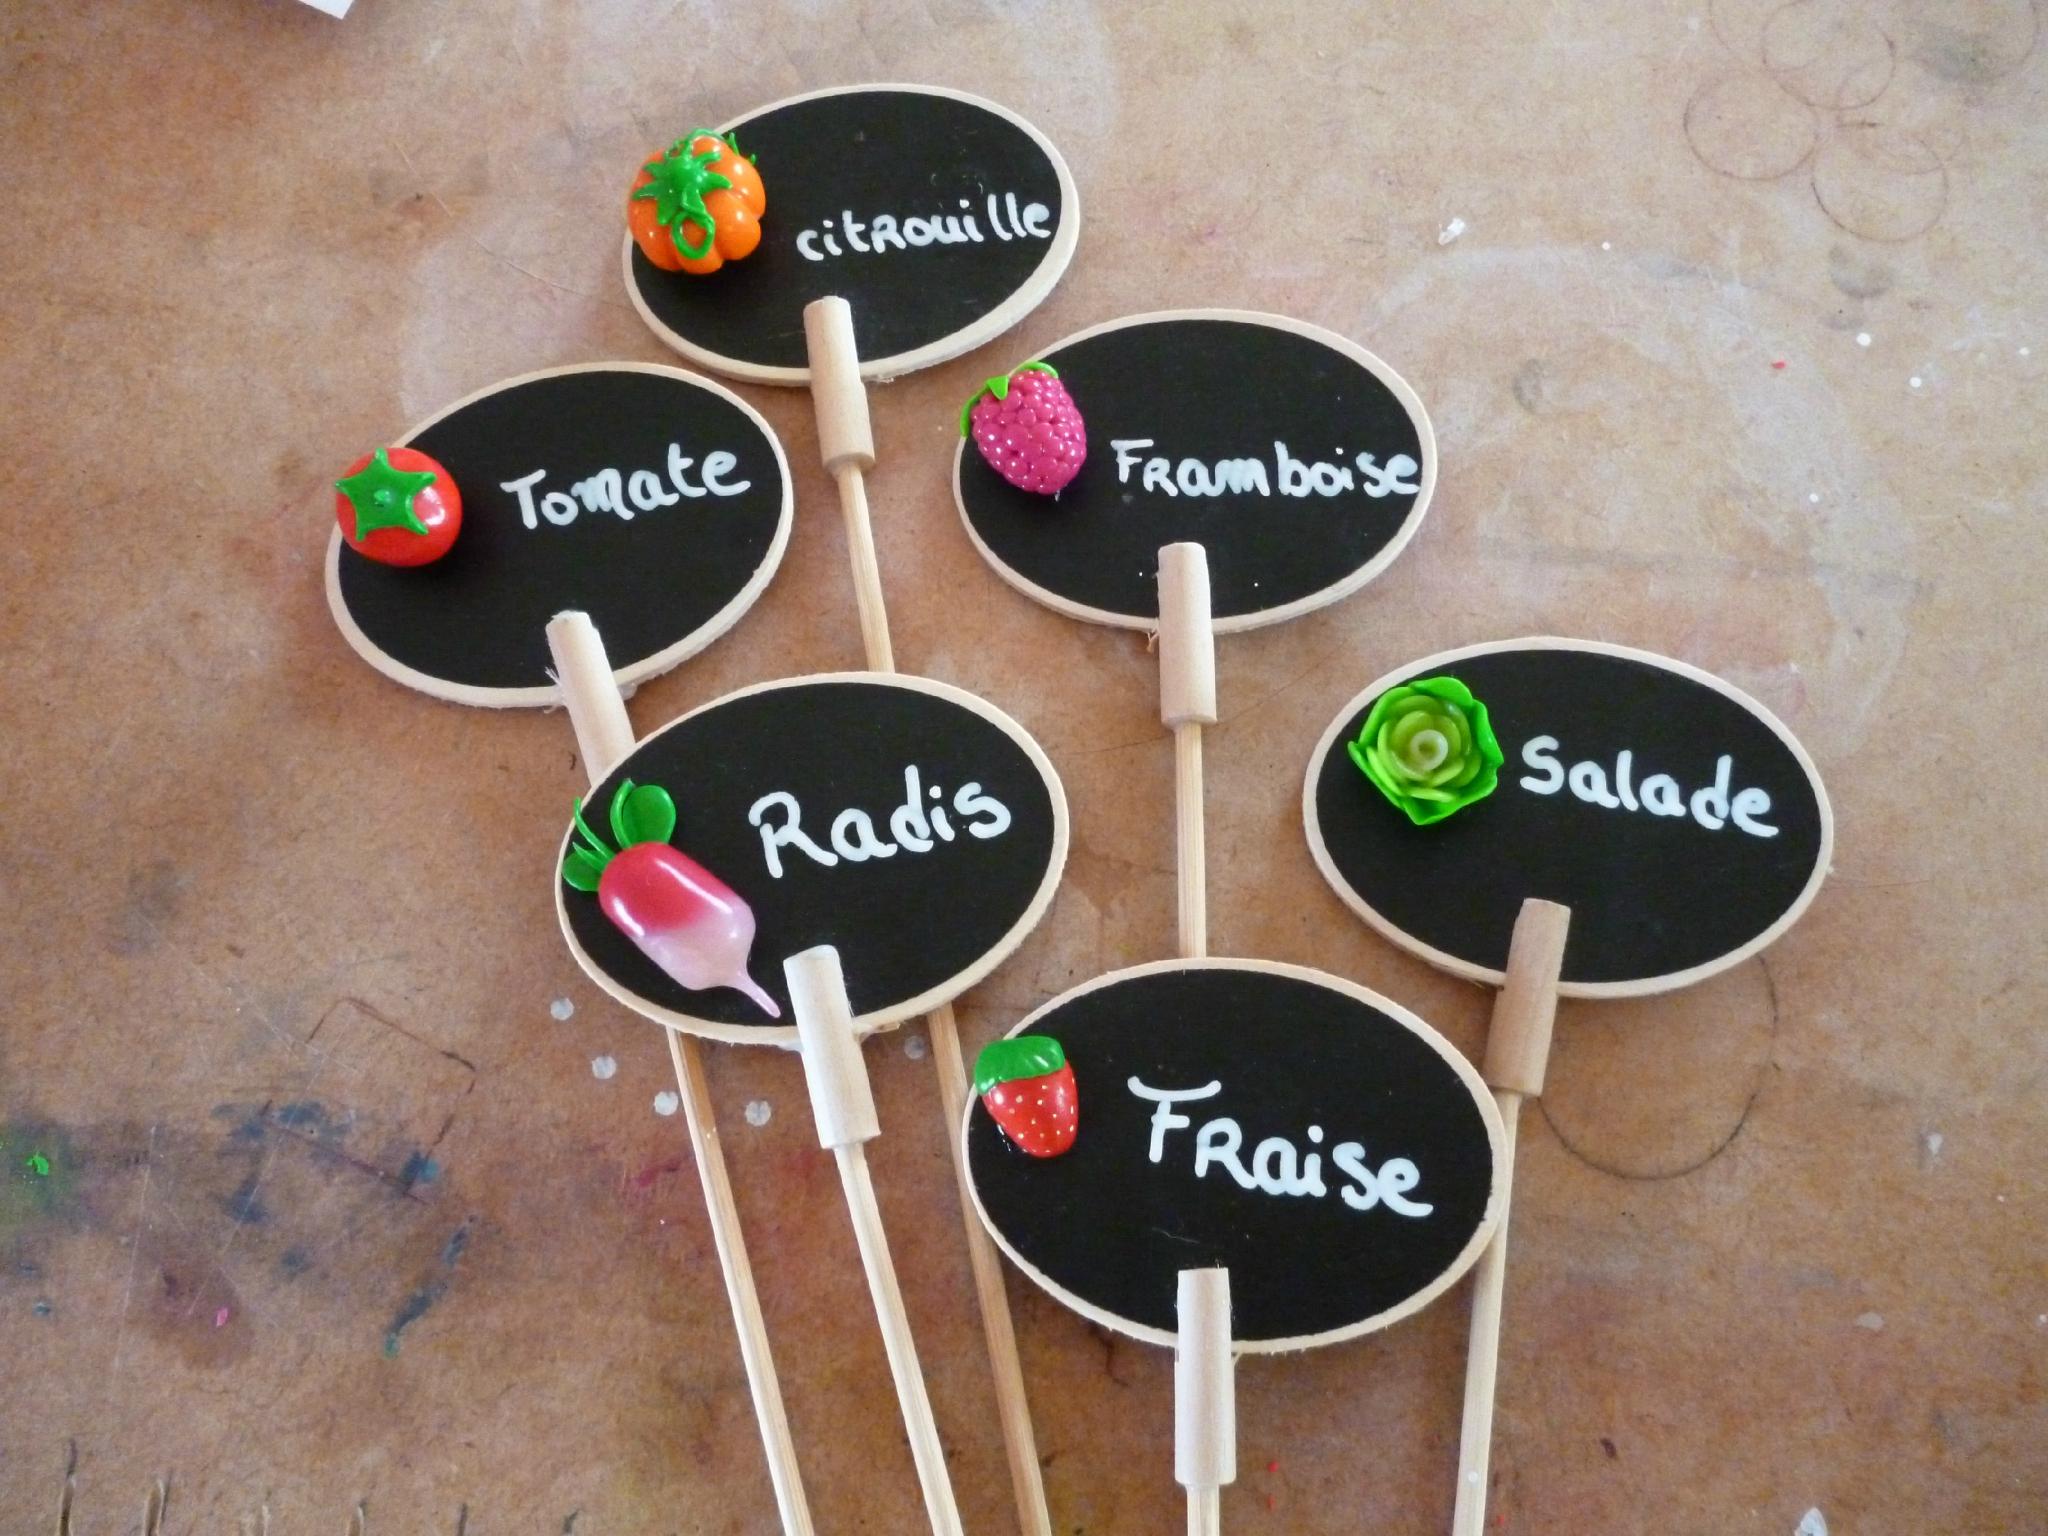 Etiquettes Pour Le Jardin Ou Les Pots De Fleurs - Les ... à Etiquette Jardin